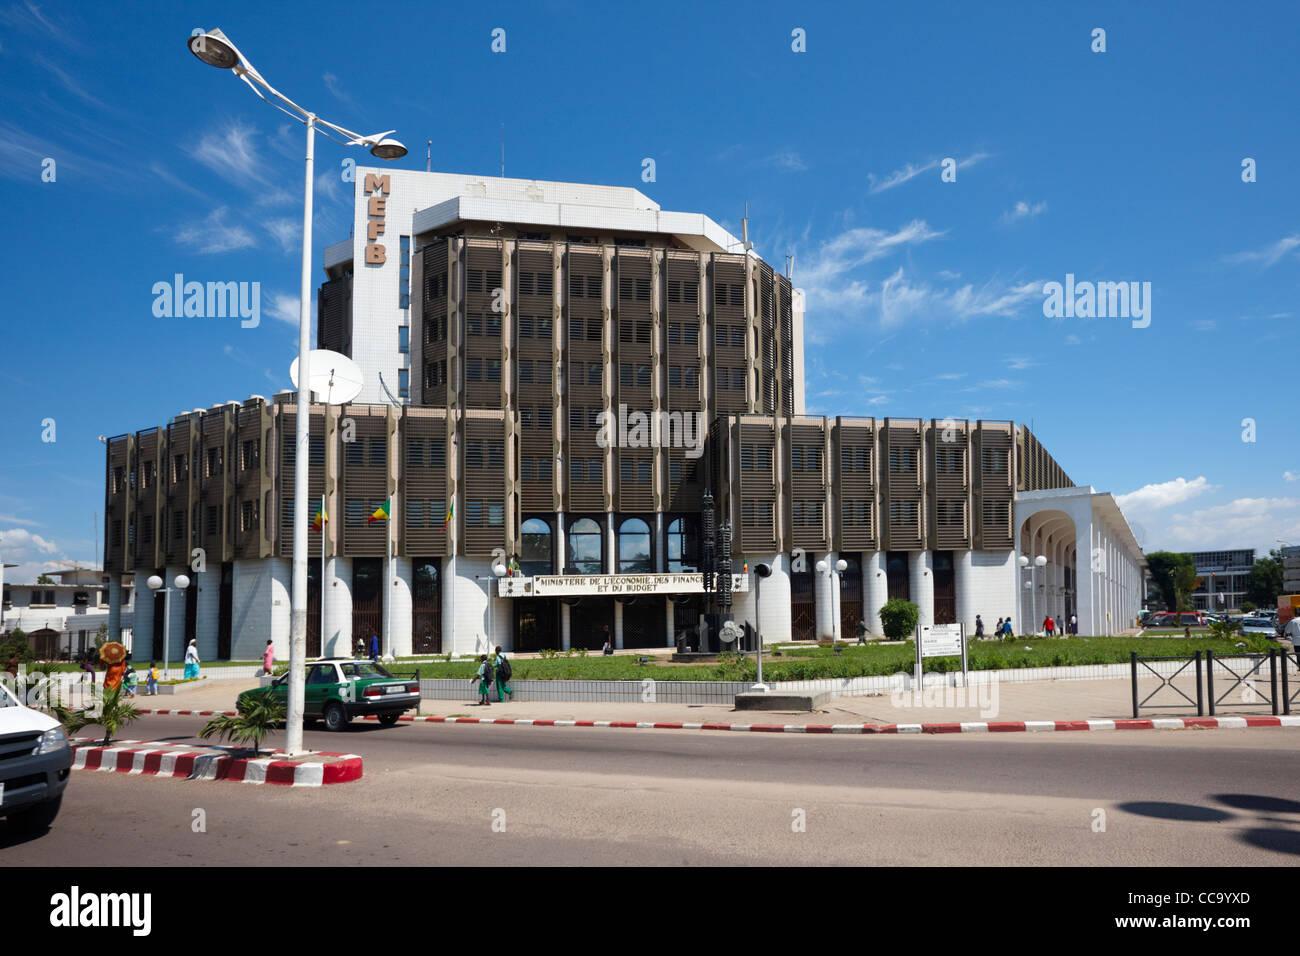 Ministère de L'Economie des finanziert et du Budget, Brazzaville, Republik Kongo, Afrika Stockbild